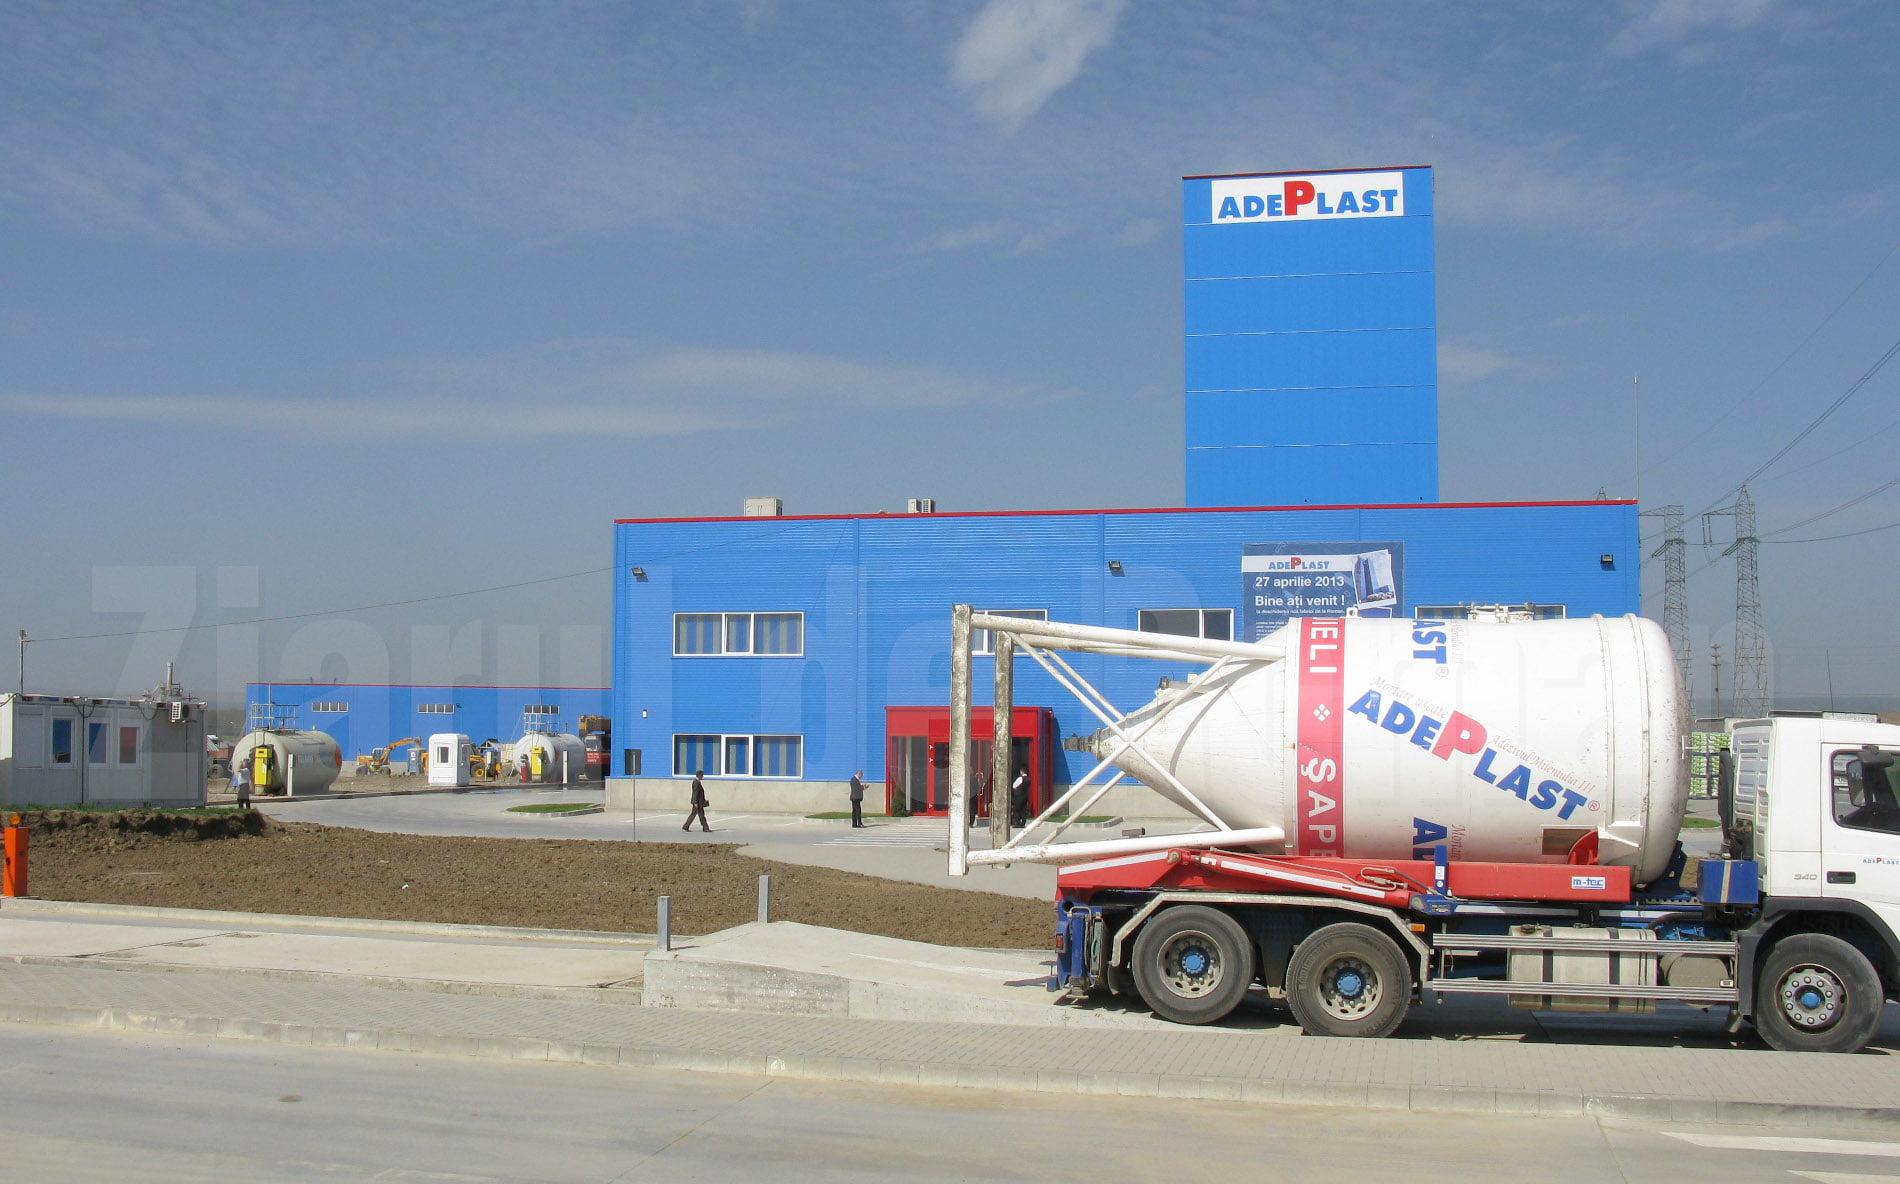 S-a vândut compania AdePlast, care deține două fabrici la Cordun